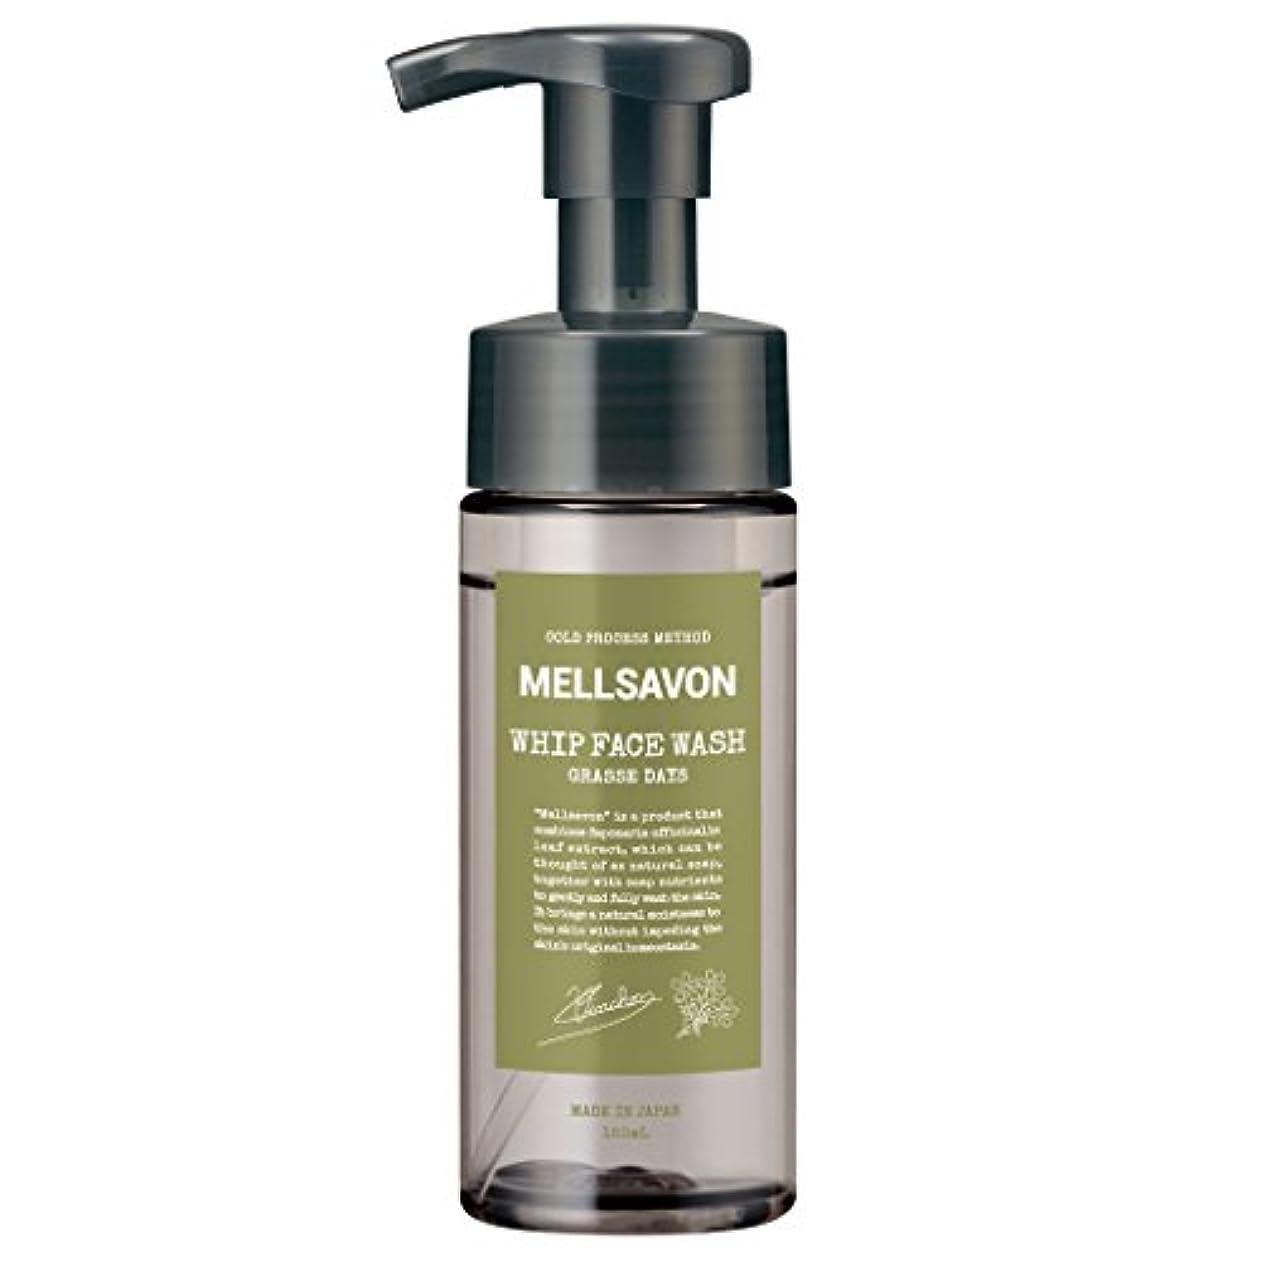 思慮深い継承換気Mellsavon(メルサボン) メルサボン ホイップフェイスウォッシュ グラースデイズ 150mL 洗顔